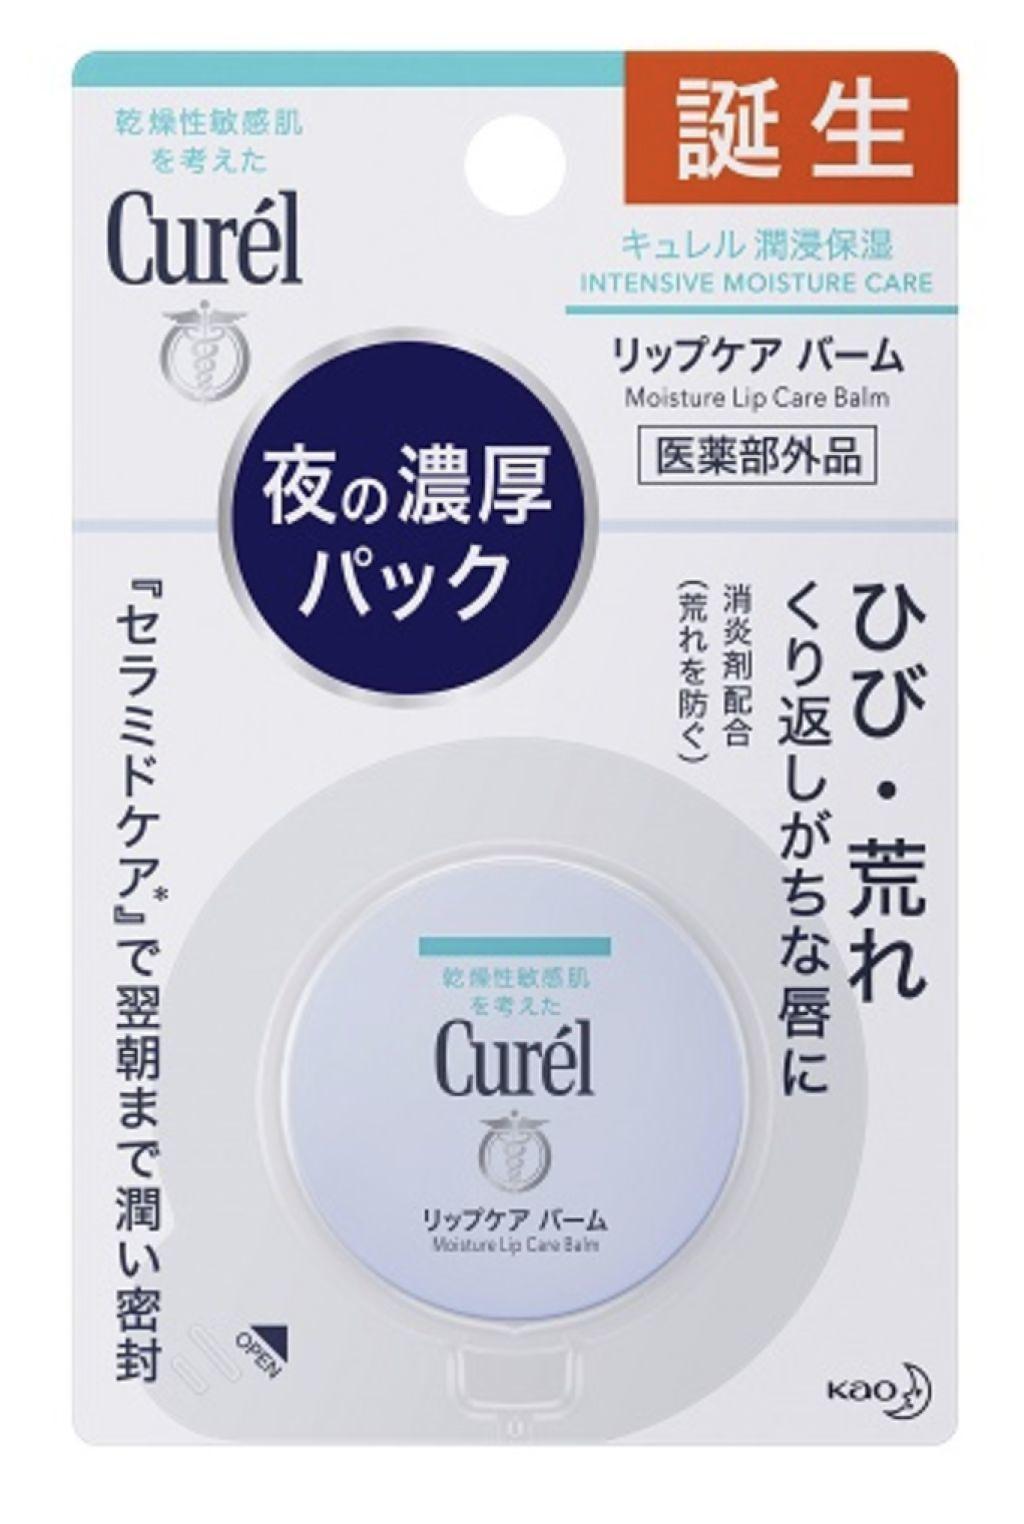 リップケア バーム[医薬部外品] Curel